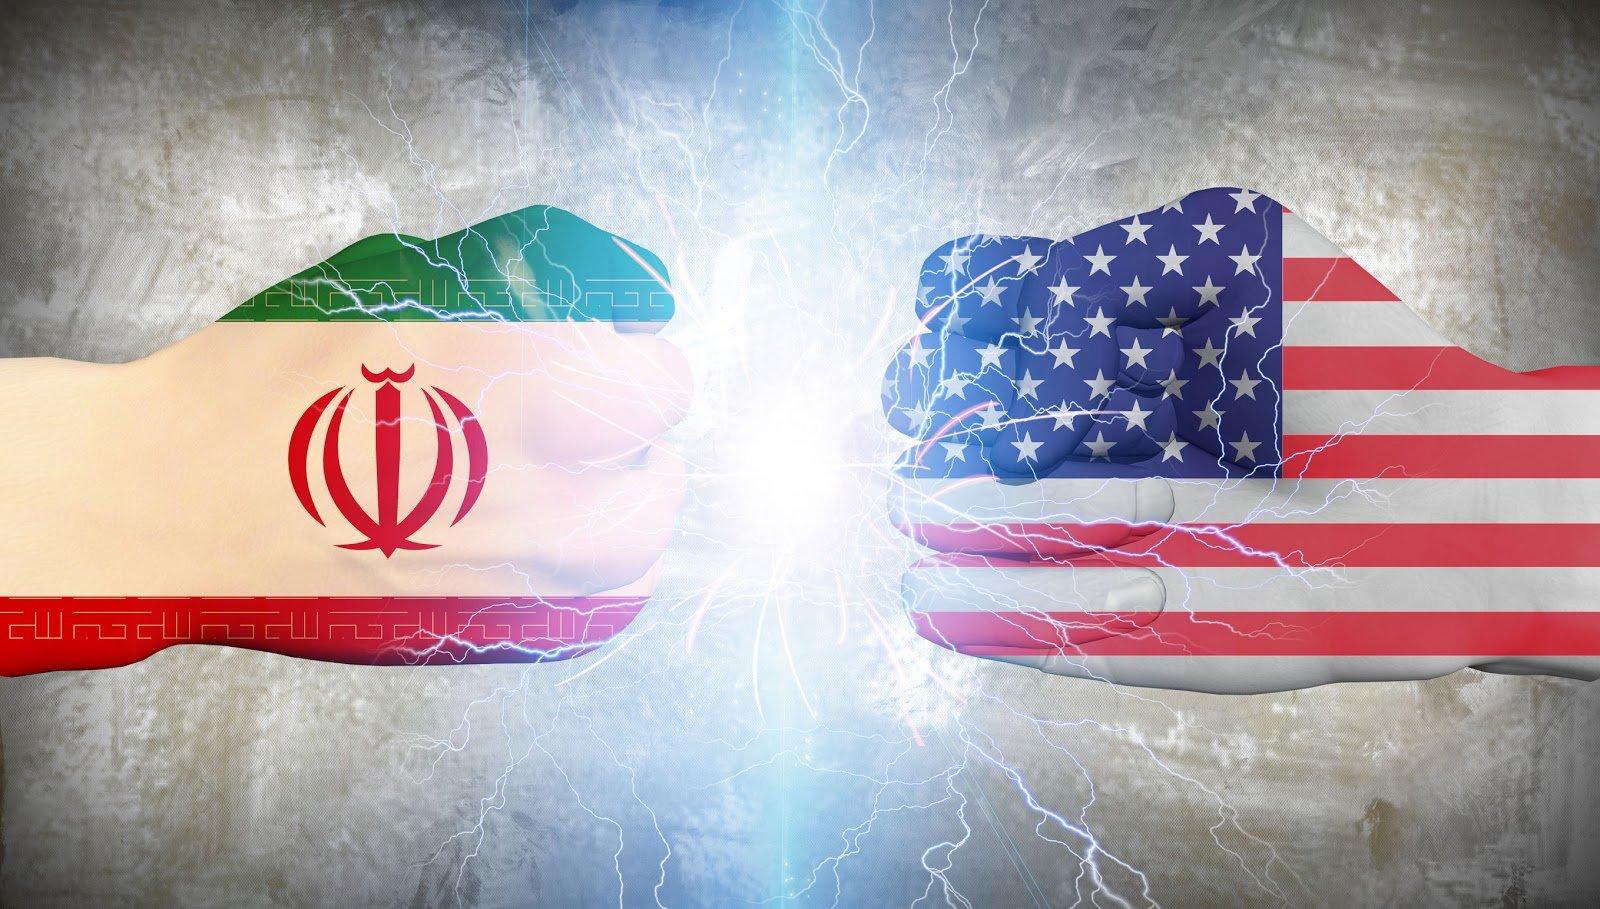 Αμερικανός ΥΠΕΞ Μάικ Πομπέο: «Πρέπει να αμυνθούμε απέναντι στο Ιράν»